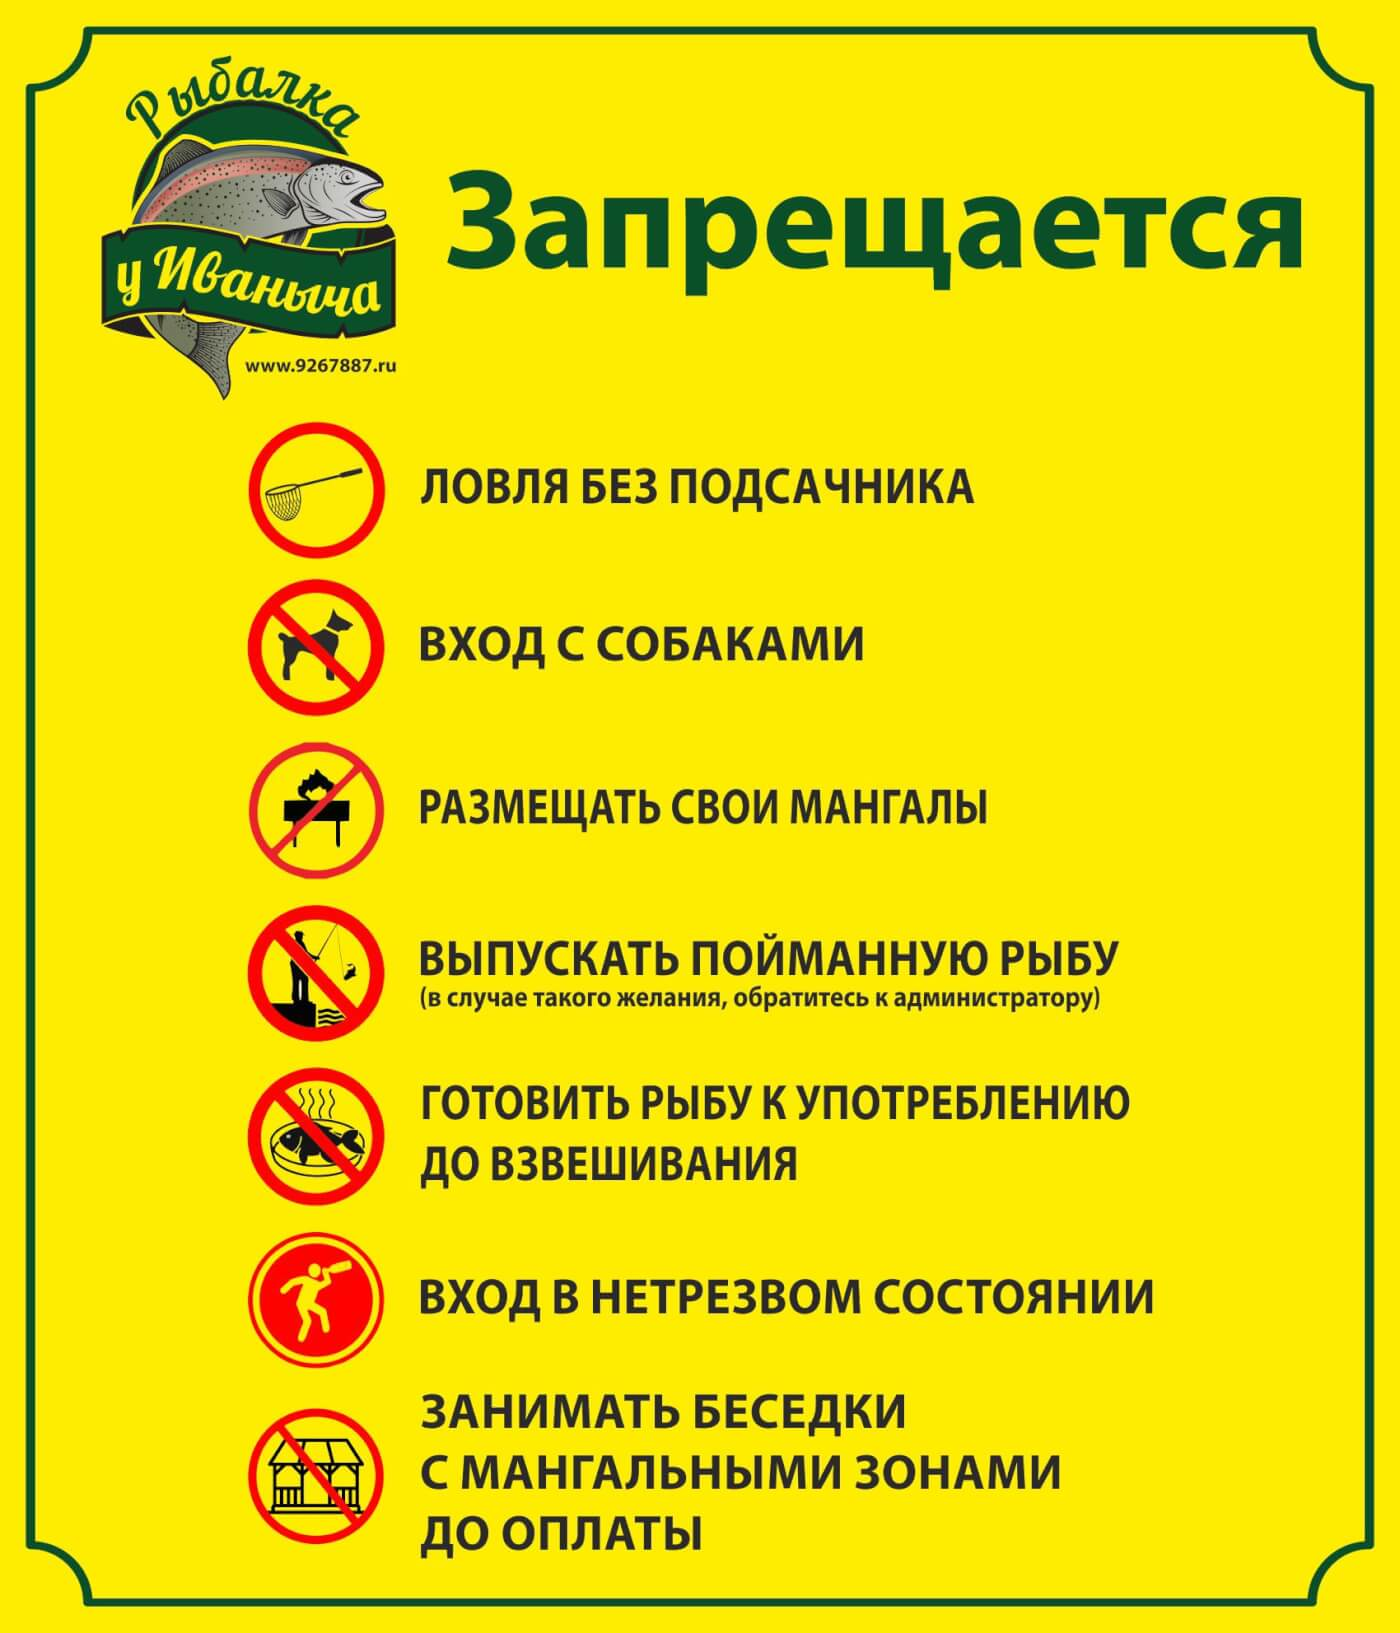 """База """"Рыбалка у Иваныча"""": платная рыбалка в Подмосковье"""